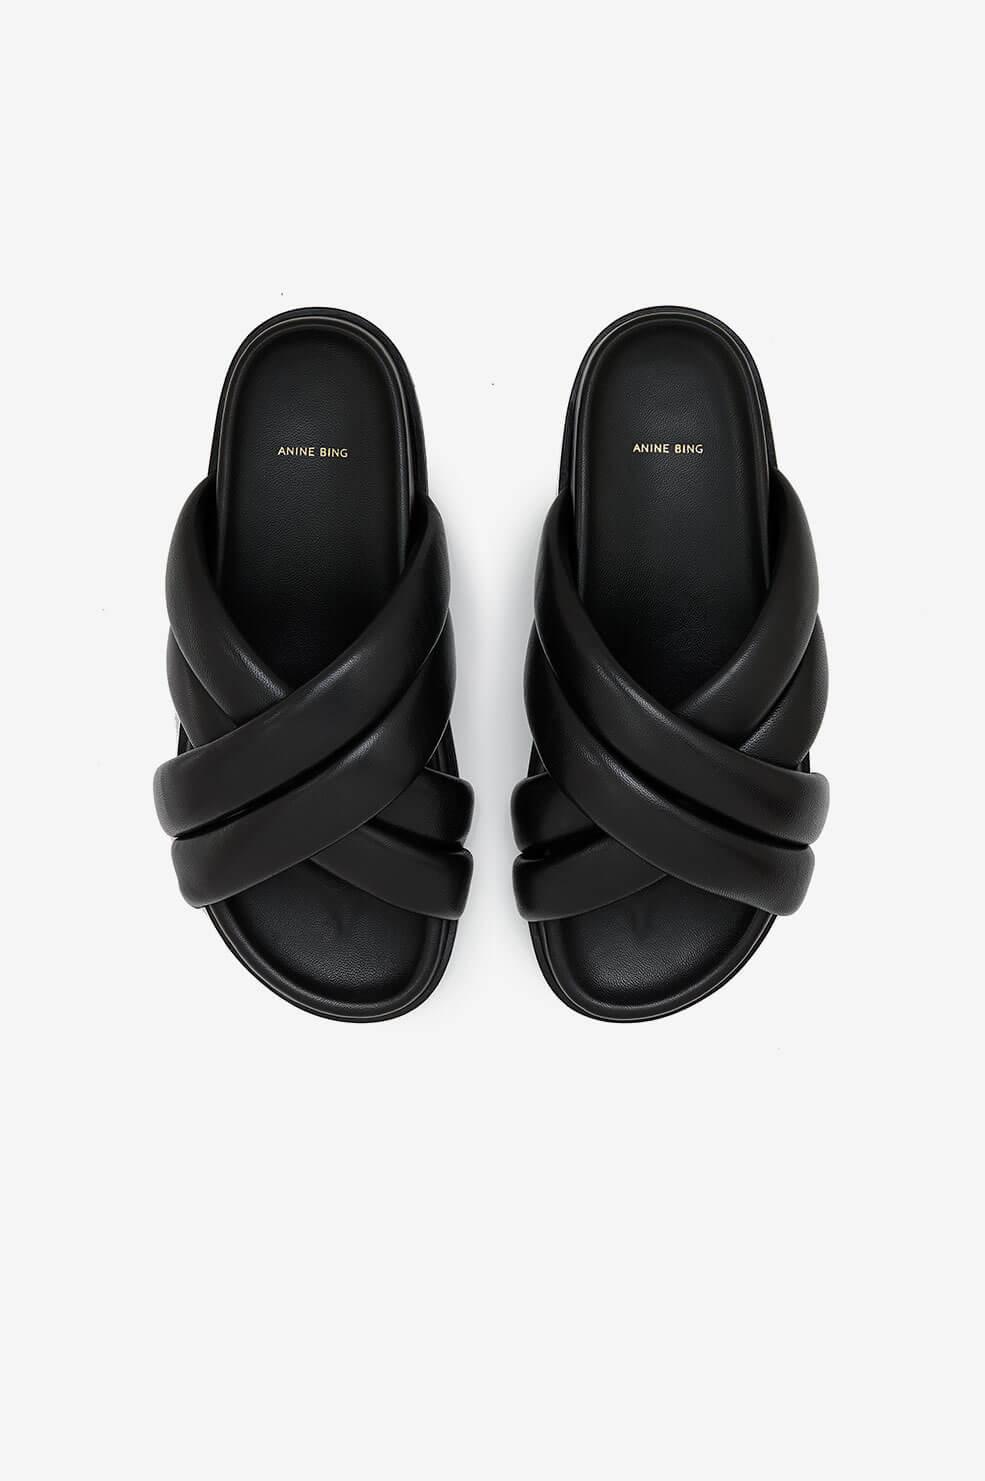 ANINE BING chaussures lizzie-3